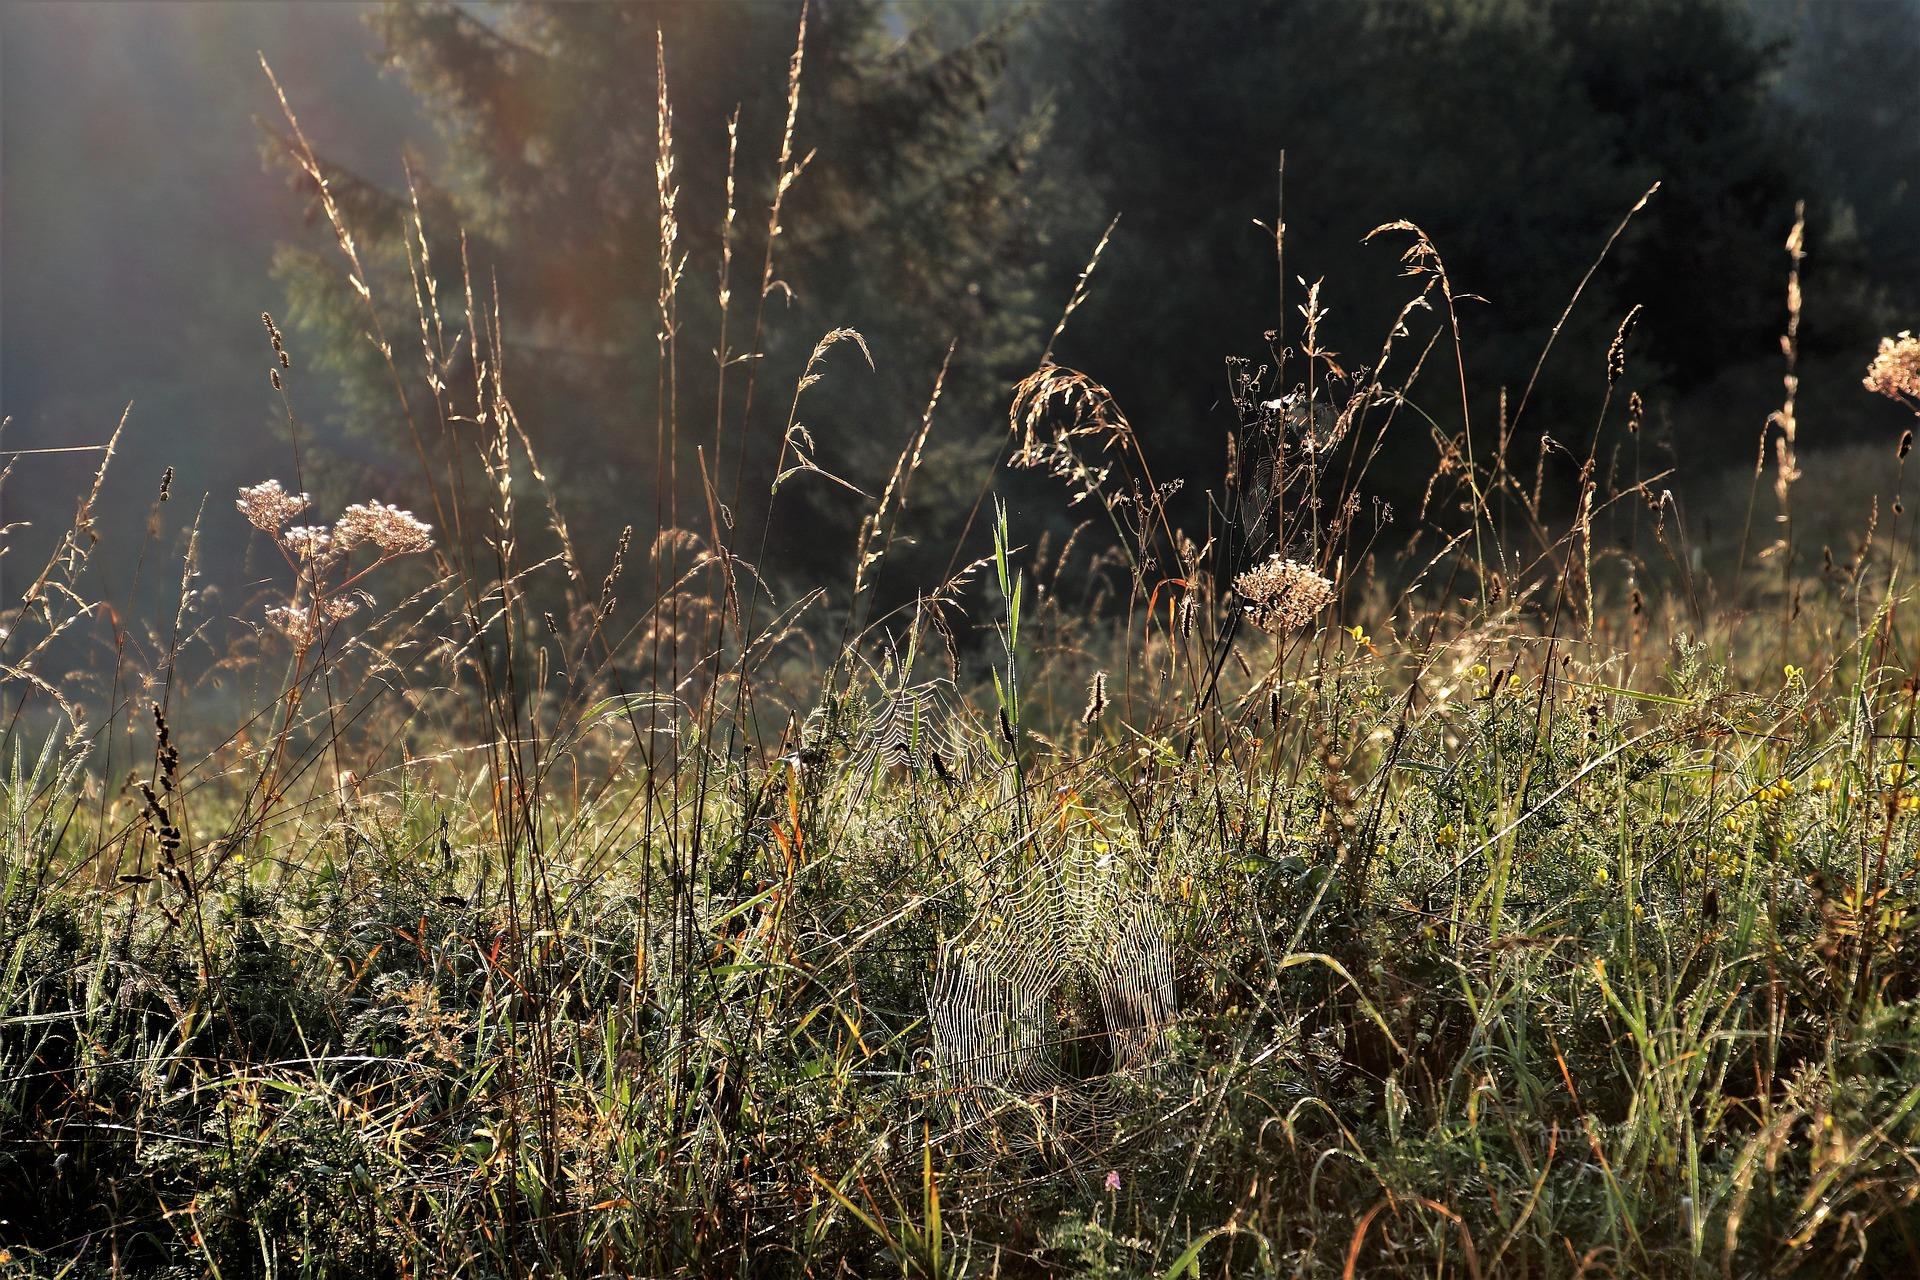 18-dry-grass-3648912_1920_friche